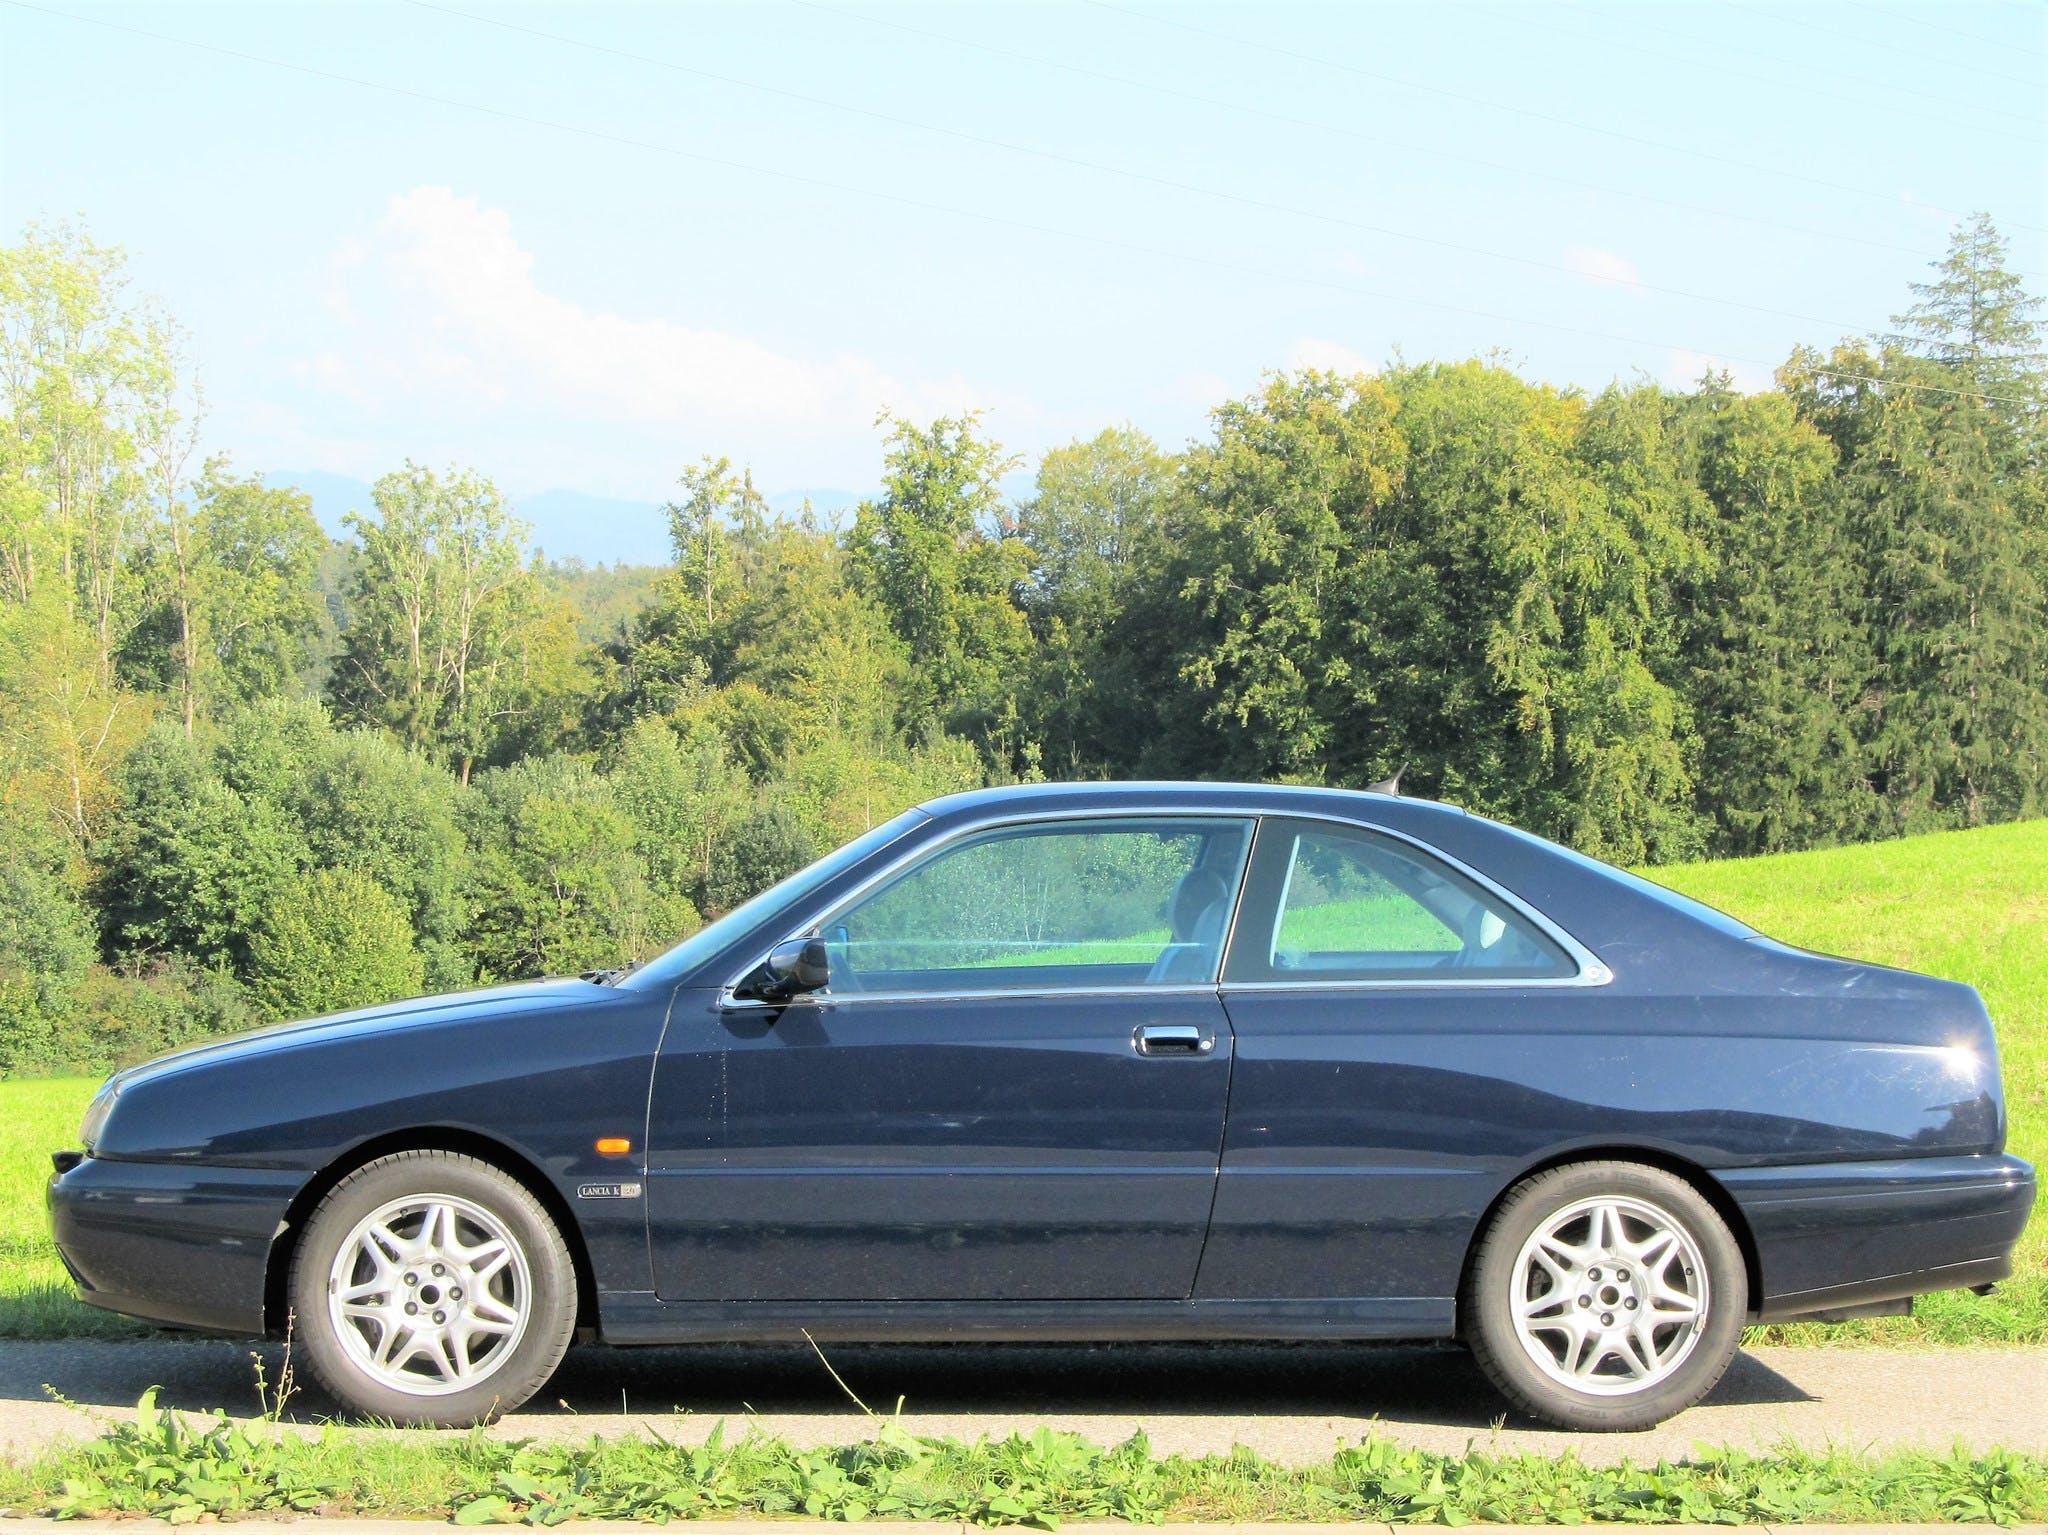 coupe Lancia Kappa 3.0 V6 LX